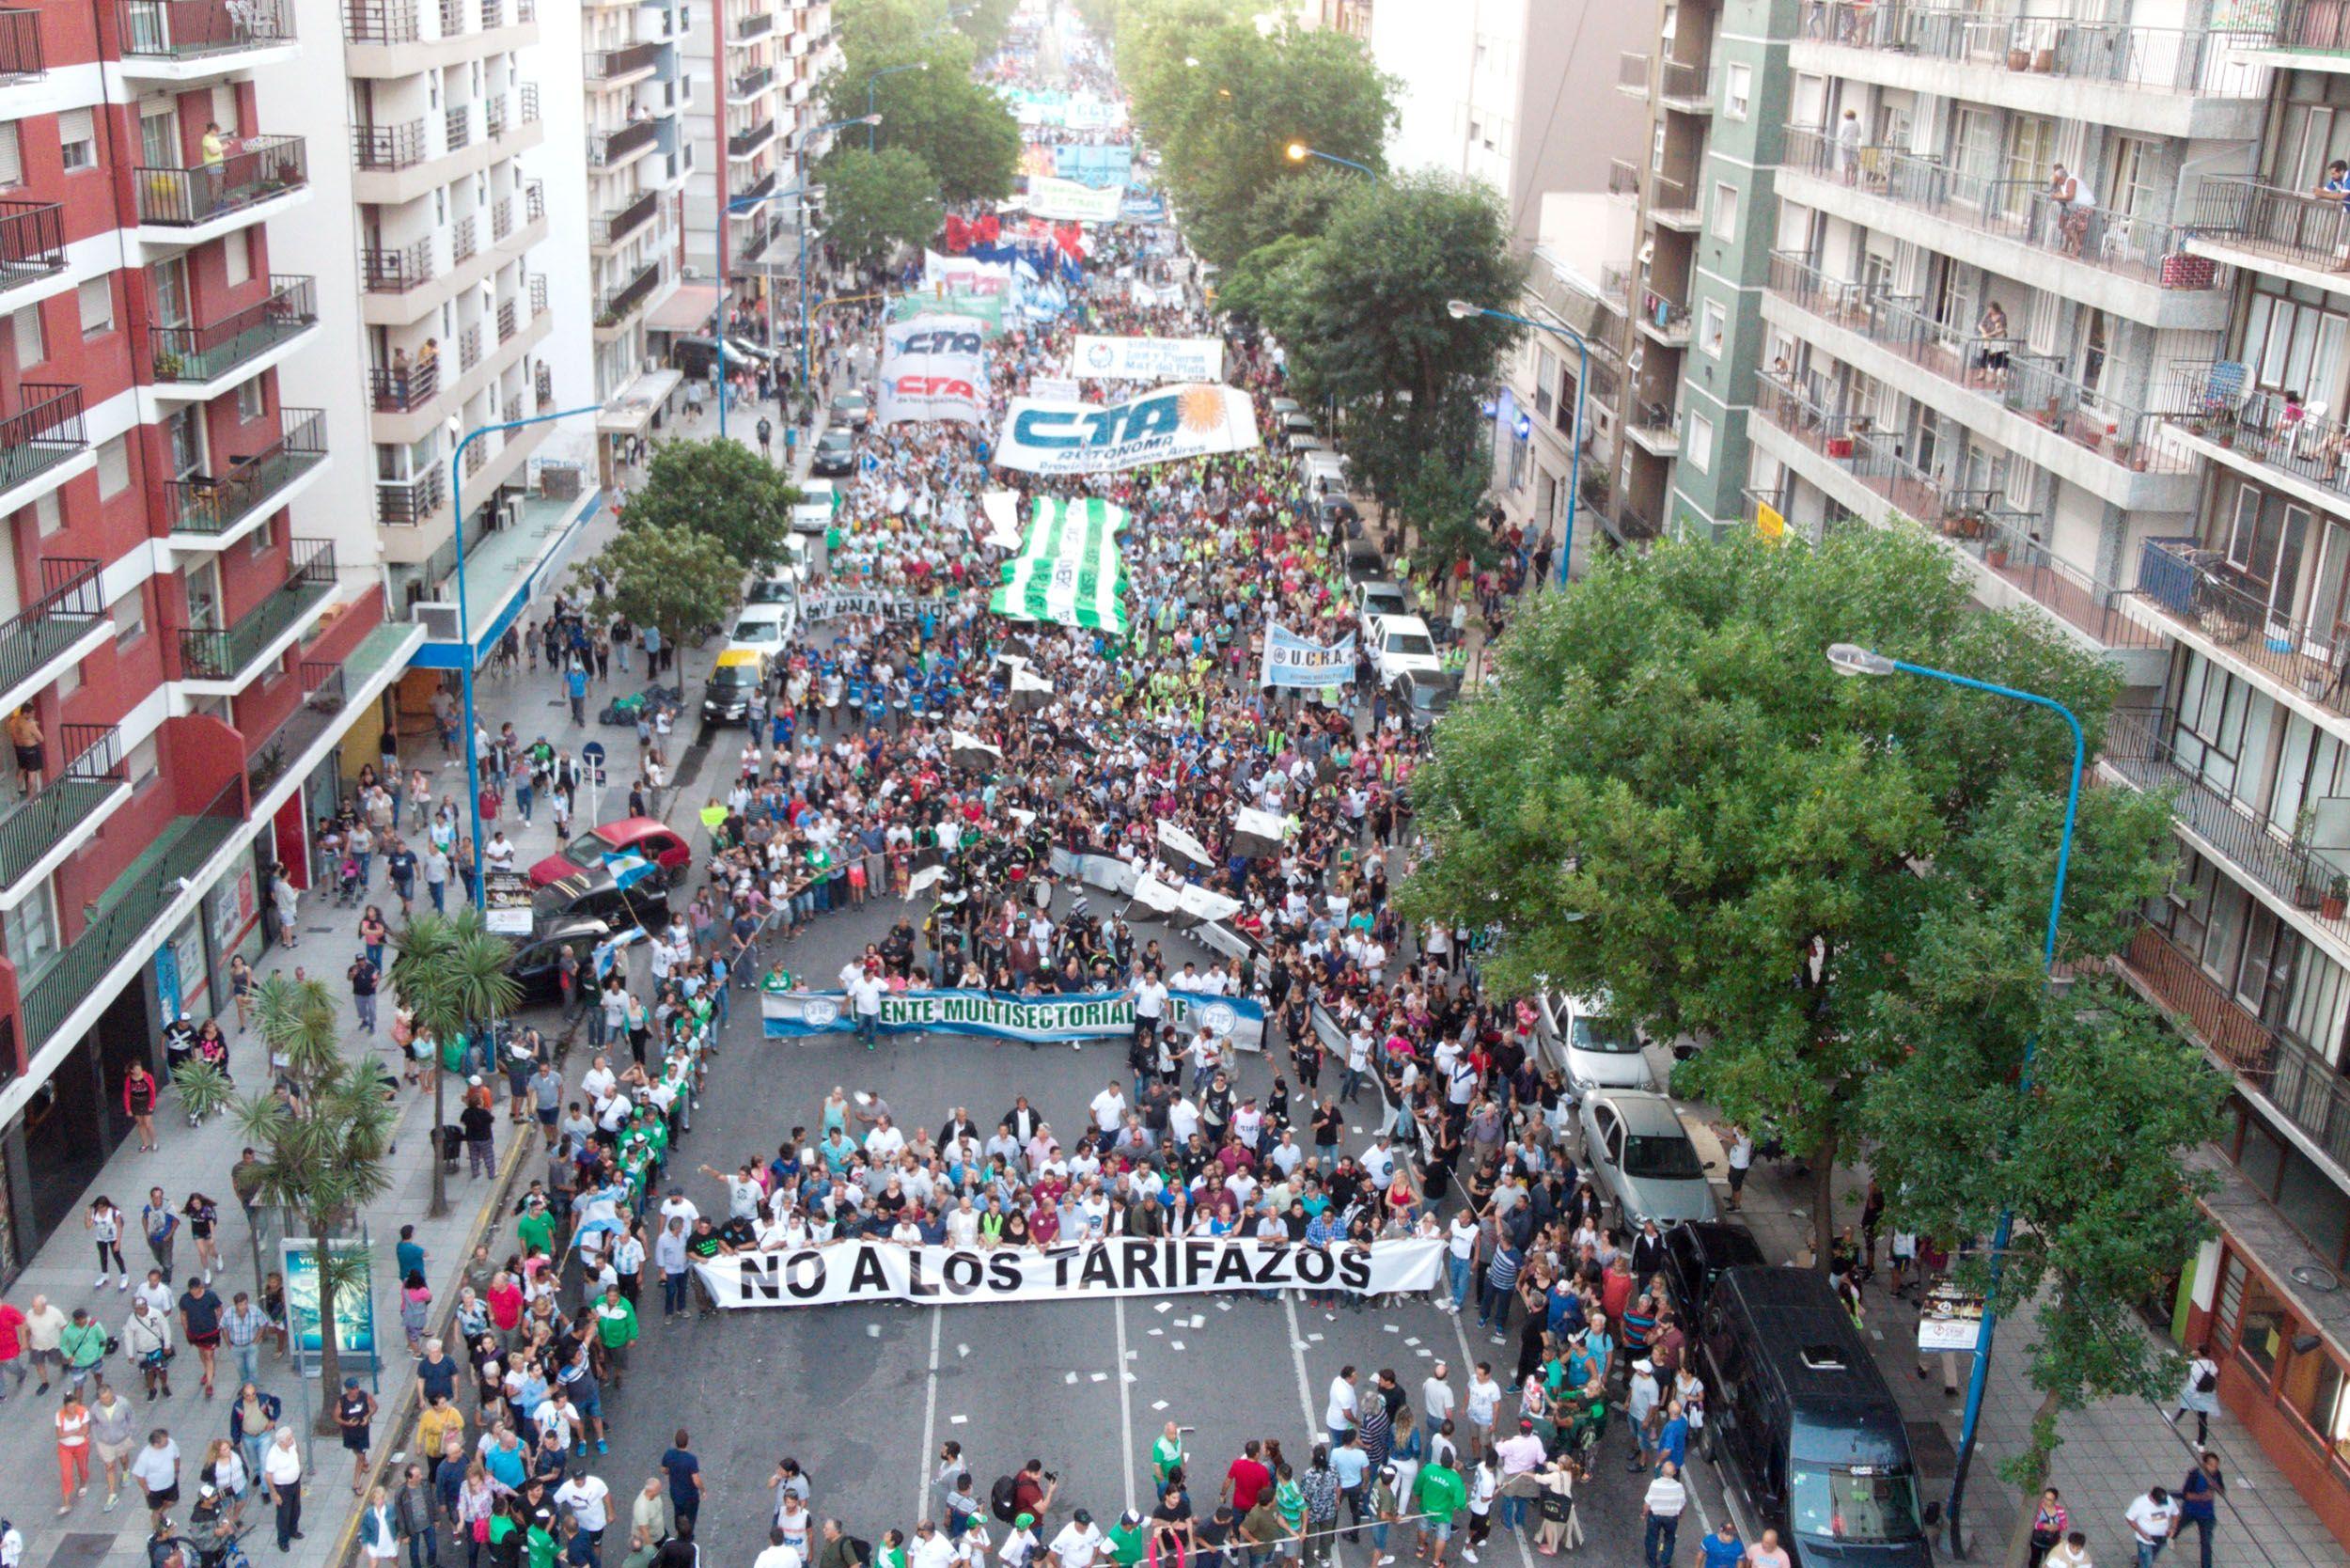 La marcha de las antorchas recorrió Mar del Plata en plena temporada